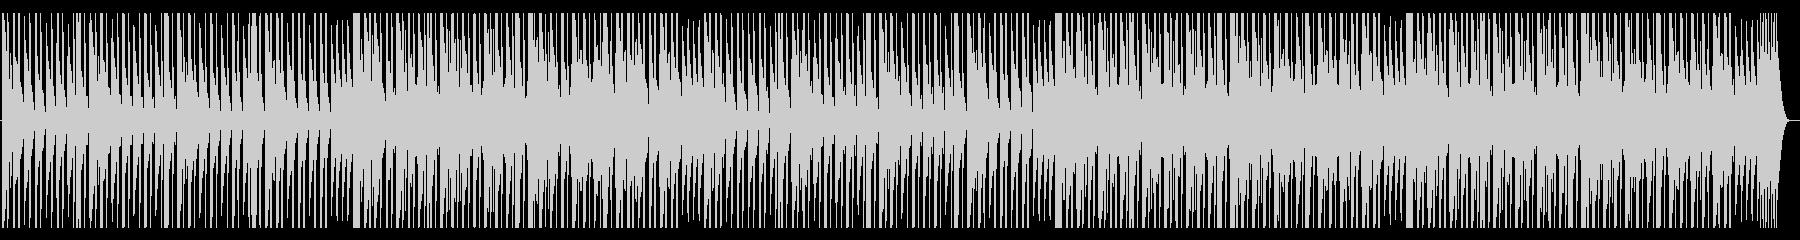 大人しくシンプルなテクノの未再生の波形